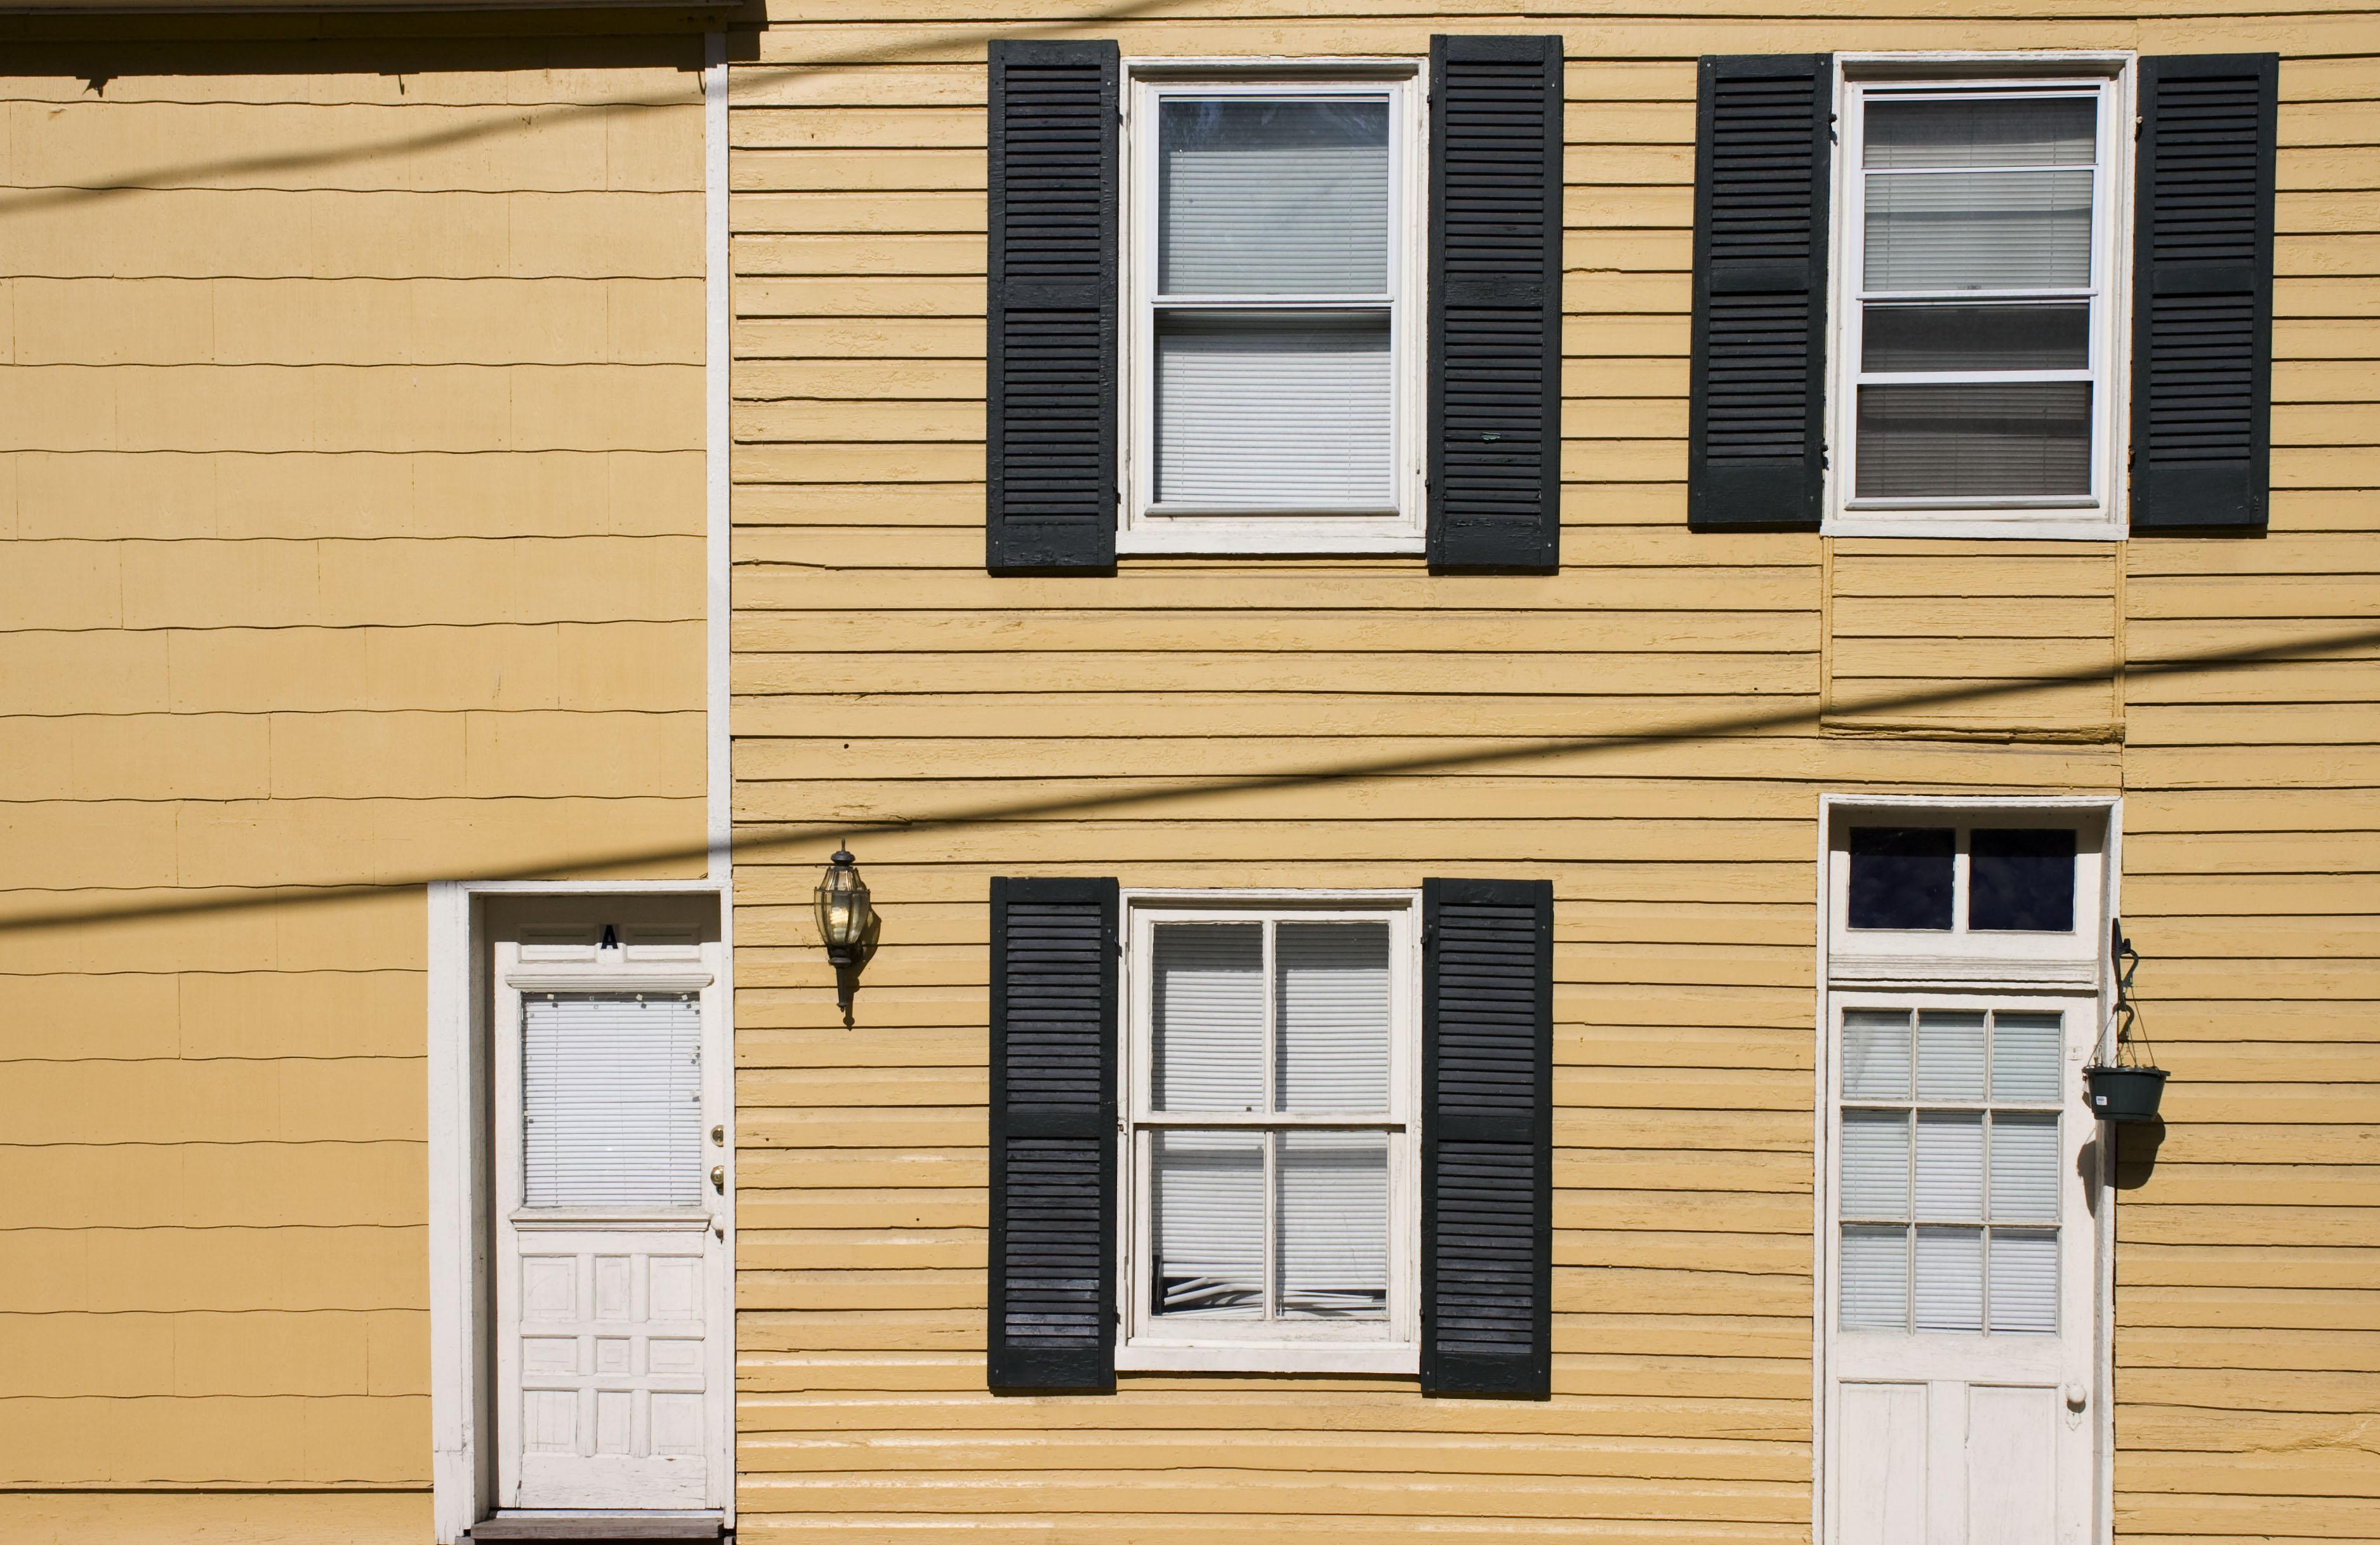 2538112234 53b338ef1c o Interessante Windows Wallpaper imagem para seu  windows Windows Wallpaper photos